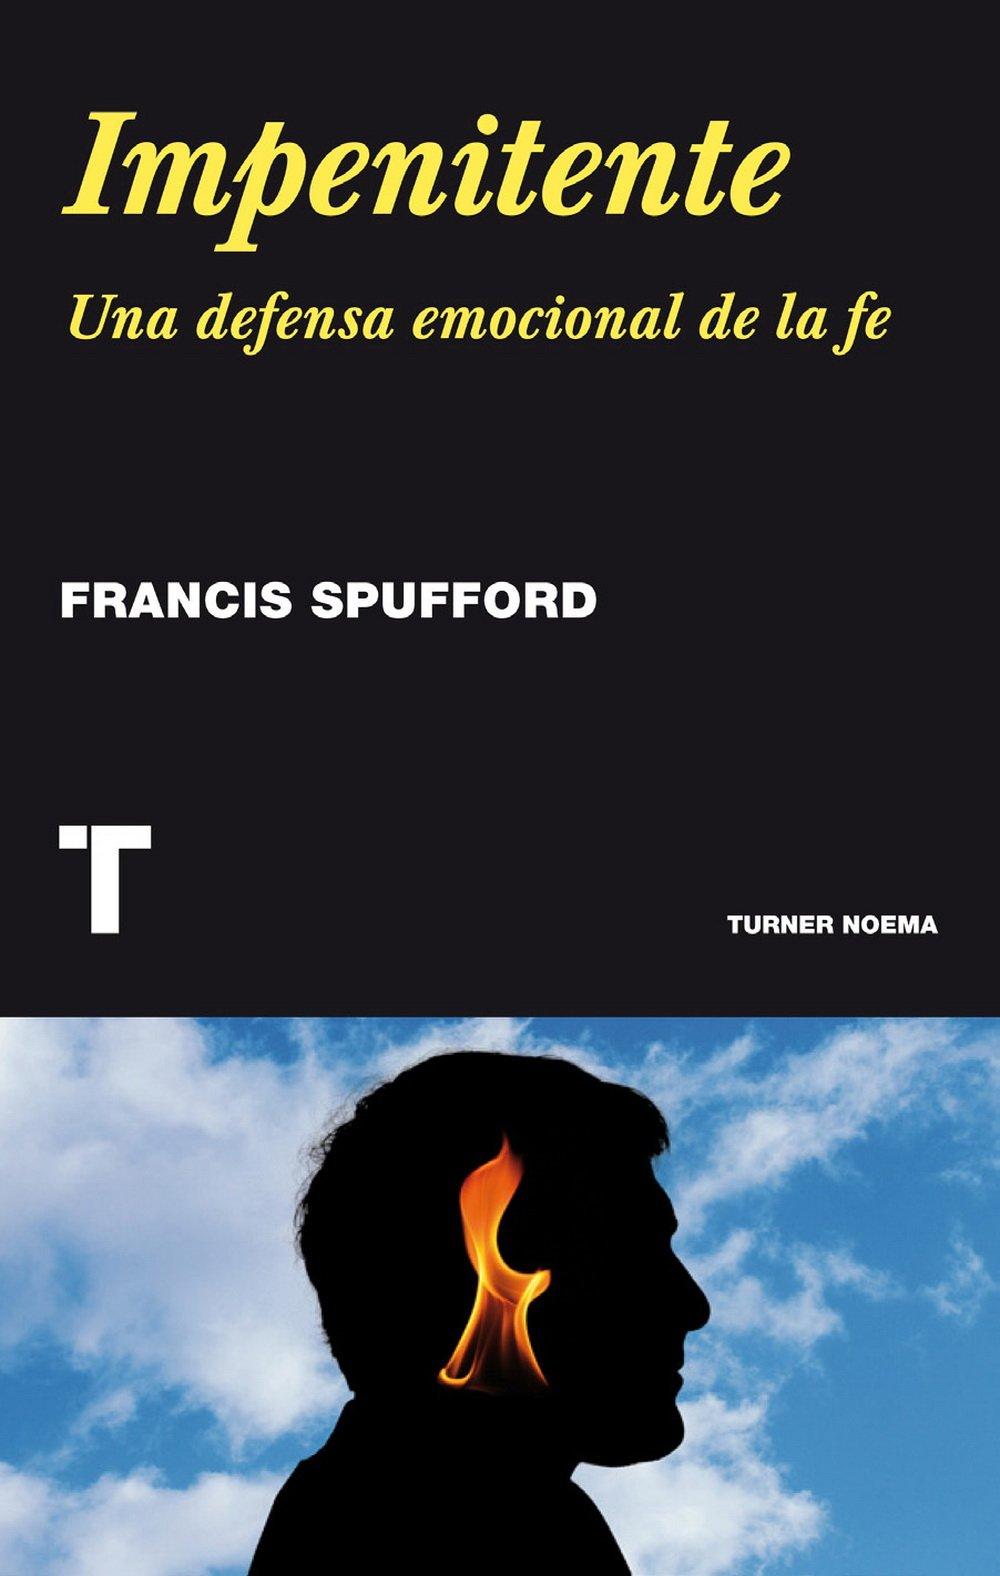 Impenitente (Noema): Amazon.es: Francis Spufford, Catalina Martínez Muñoz: Libros